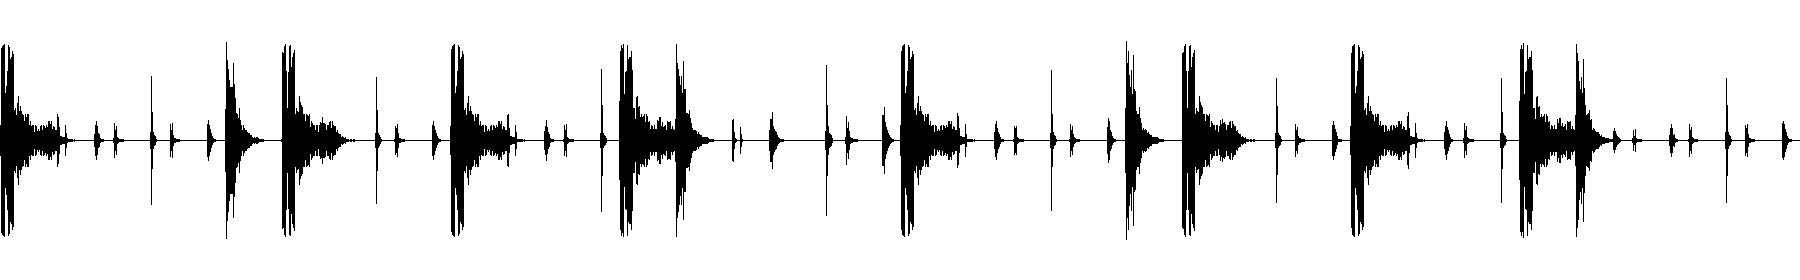 140 drumloop sp 07